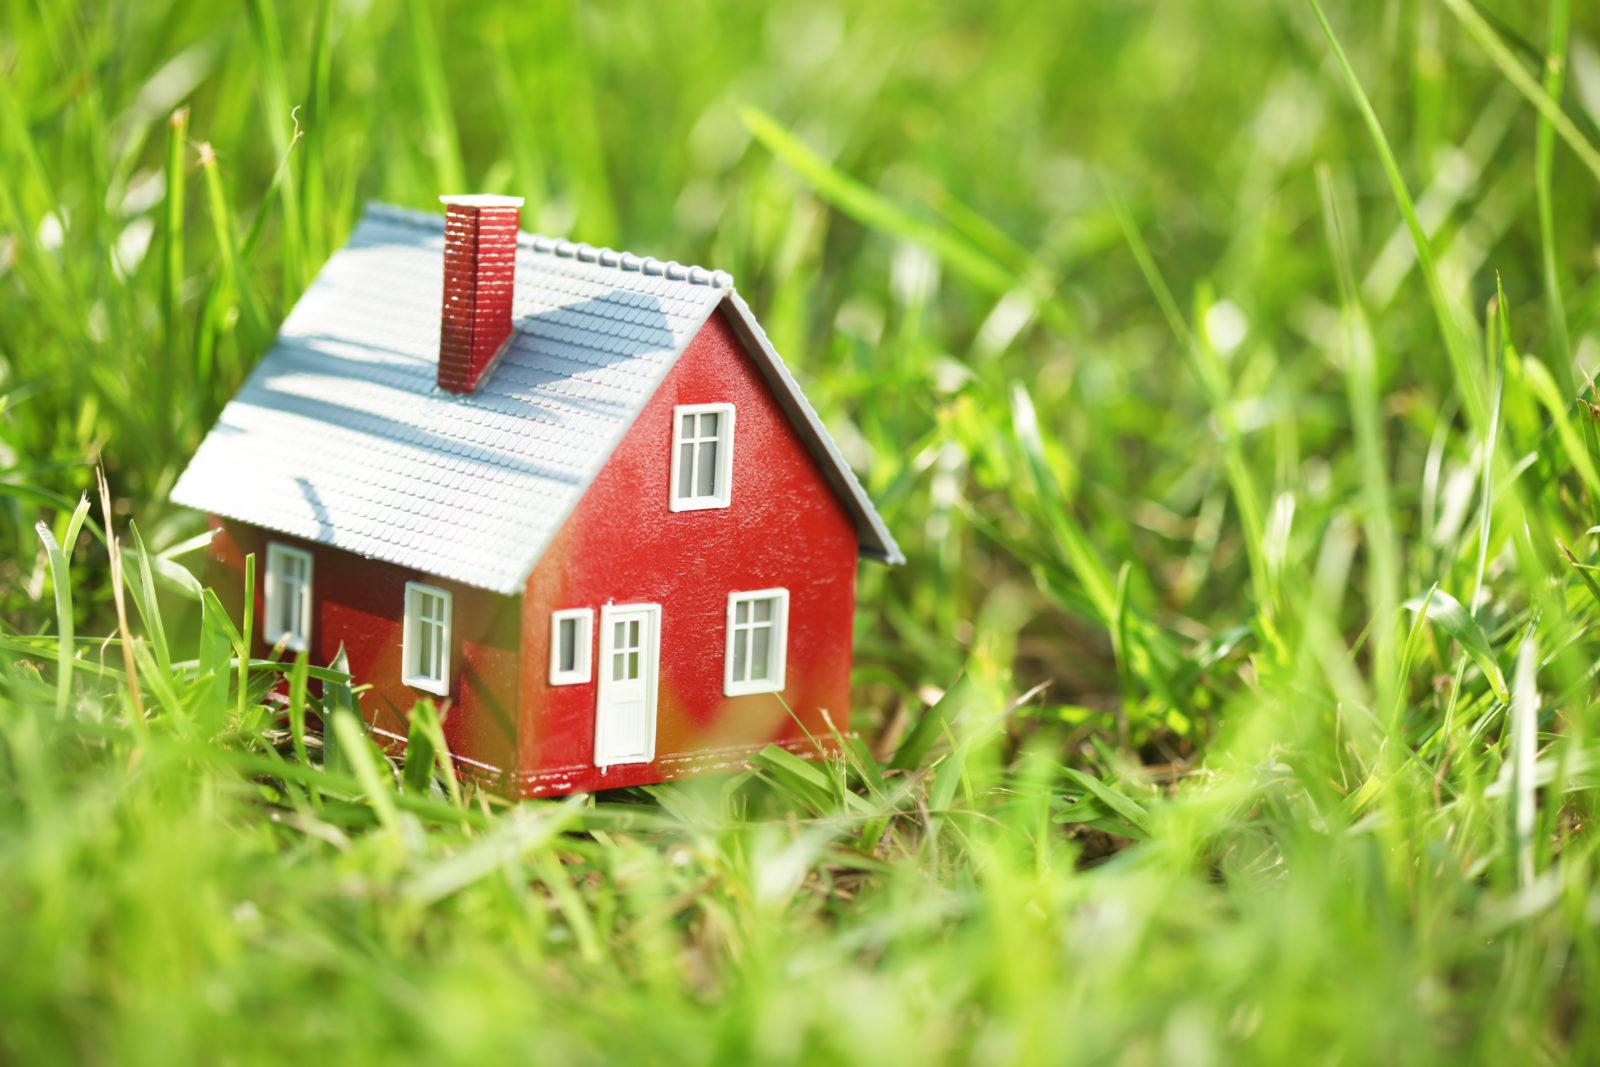 Home-Office und Wohnungsmarkt